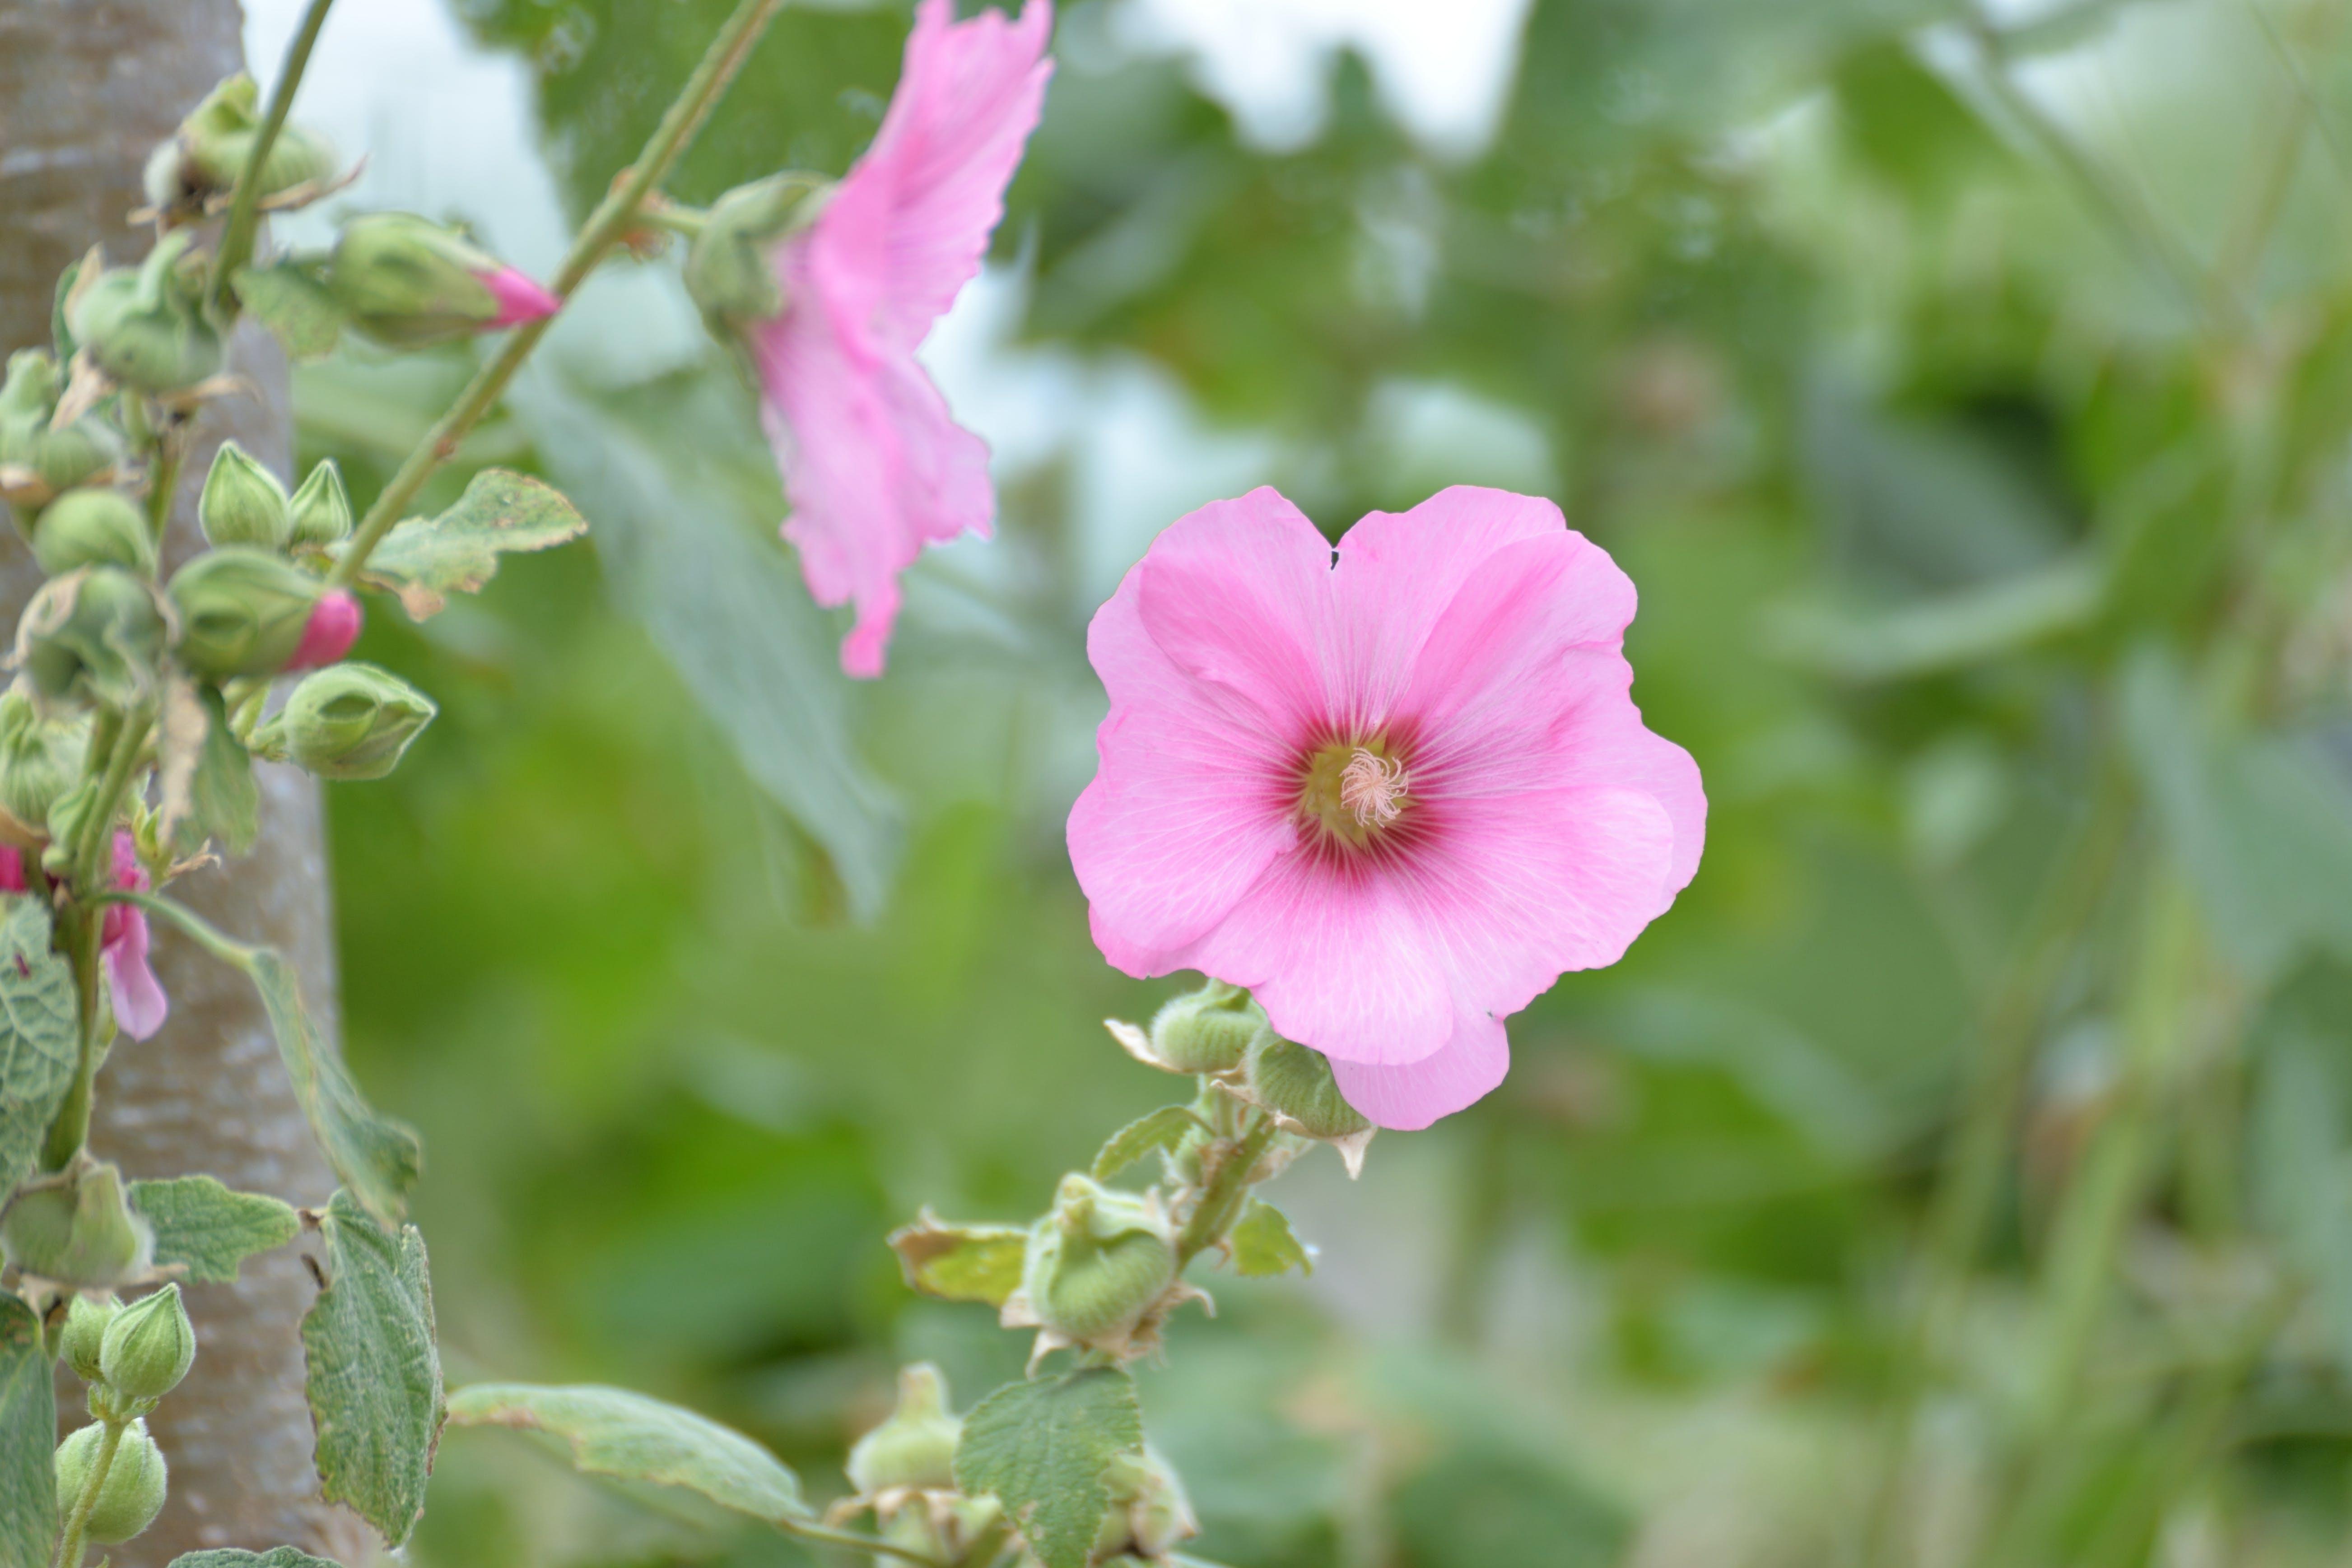 Free stock photo of botanique, comestible, fleur, Flore